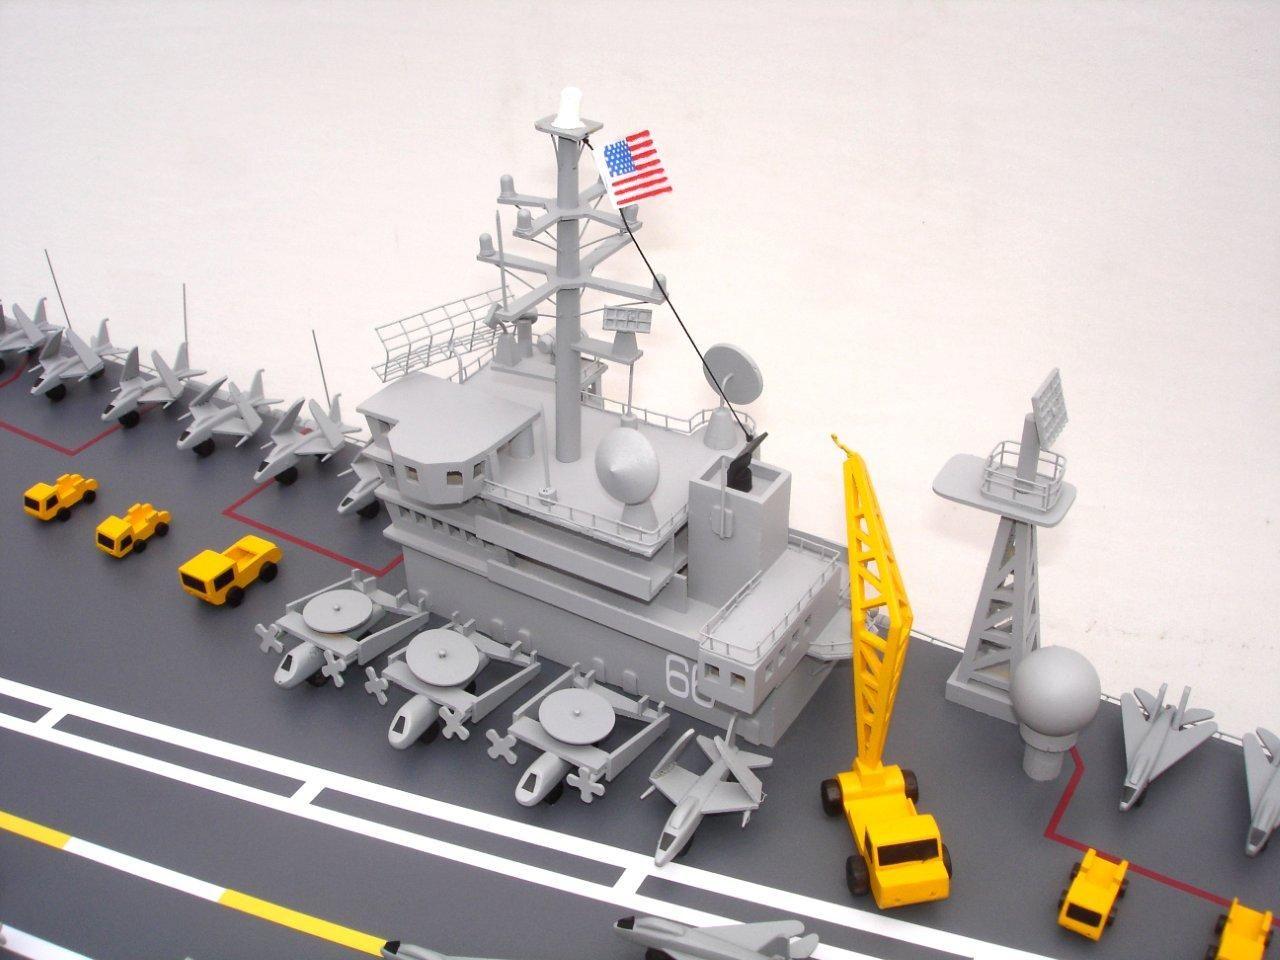 1944-12496-Aircraft-Carrier-Uss-America-CV-66-ship-model